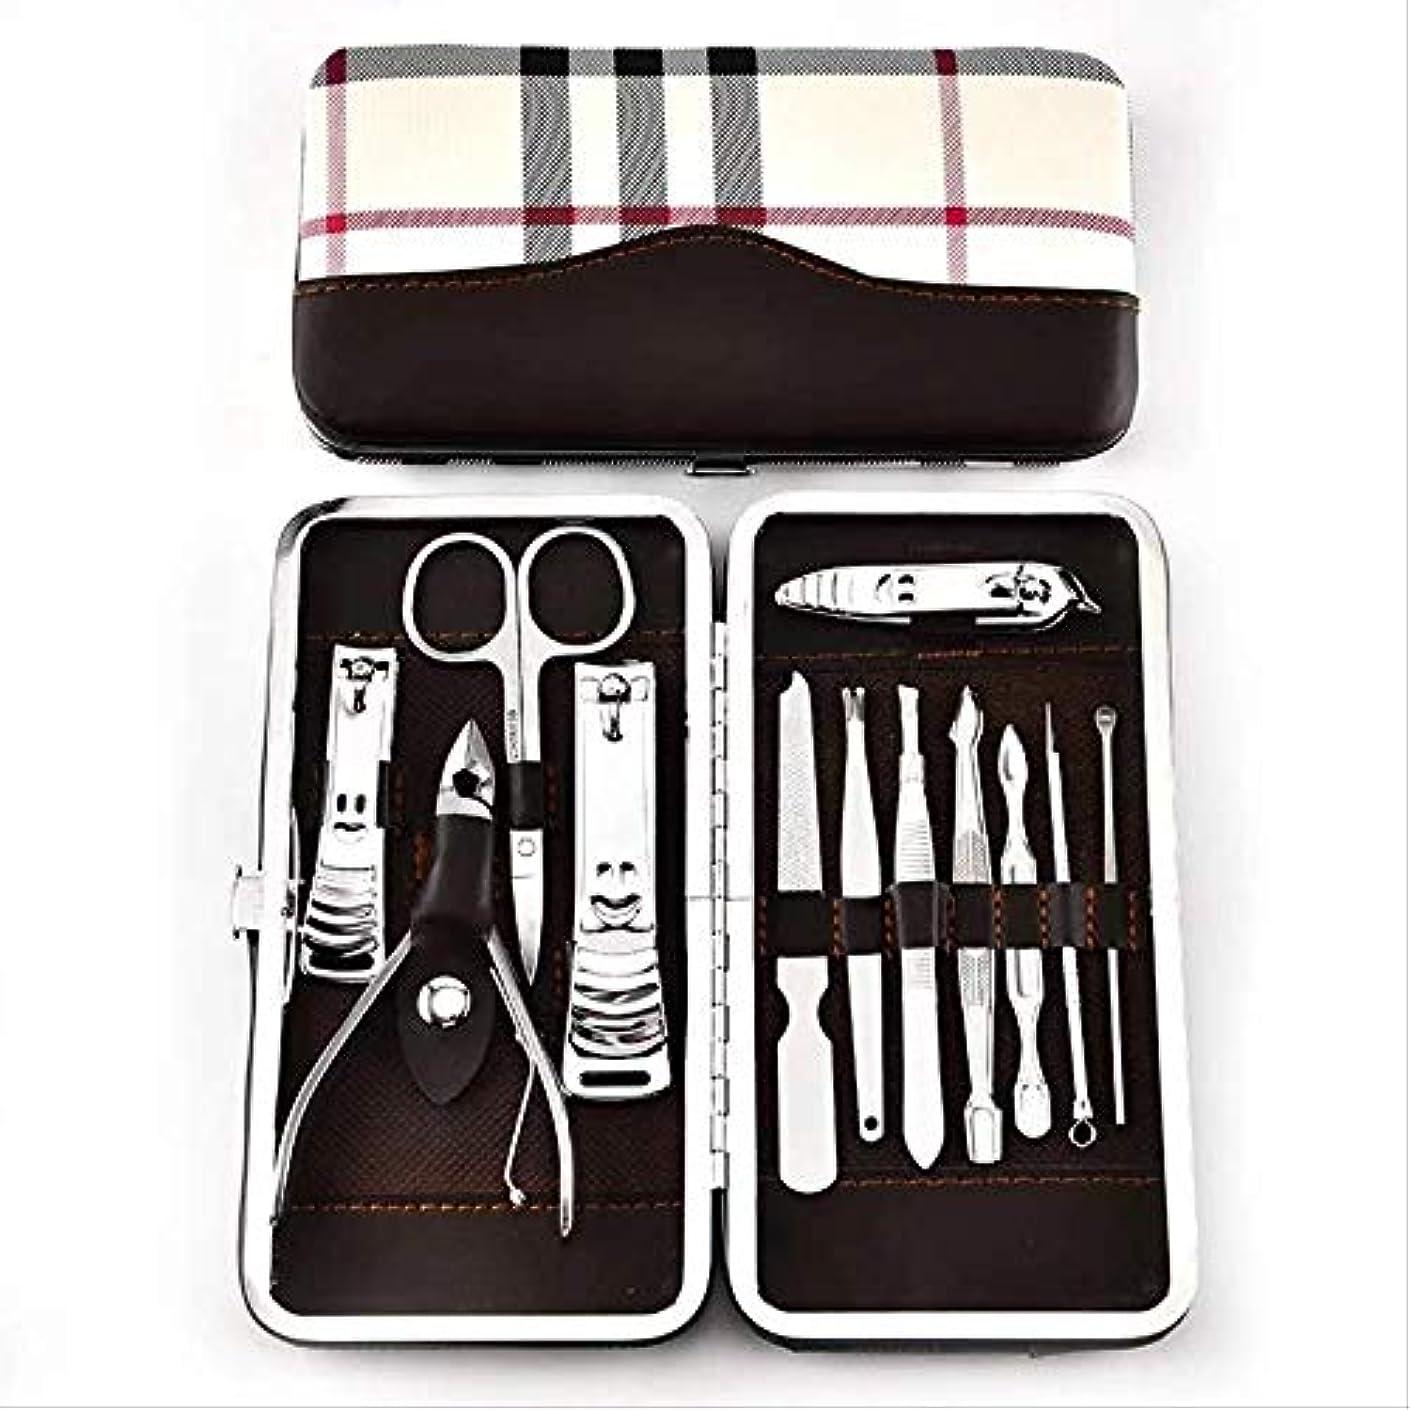 絶え間ないどこにでも一緒に爪切りセット16ピースペディキュアナイフ美容プライヤー爪ツール 7119チェック柄